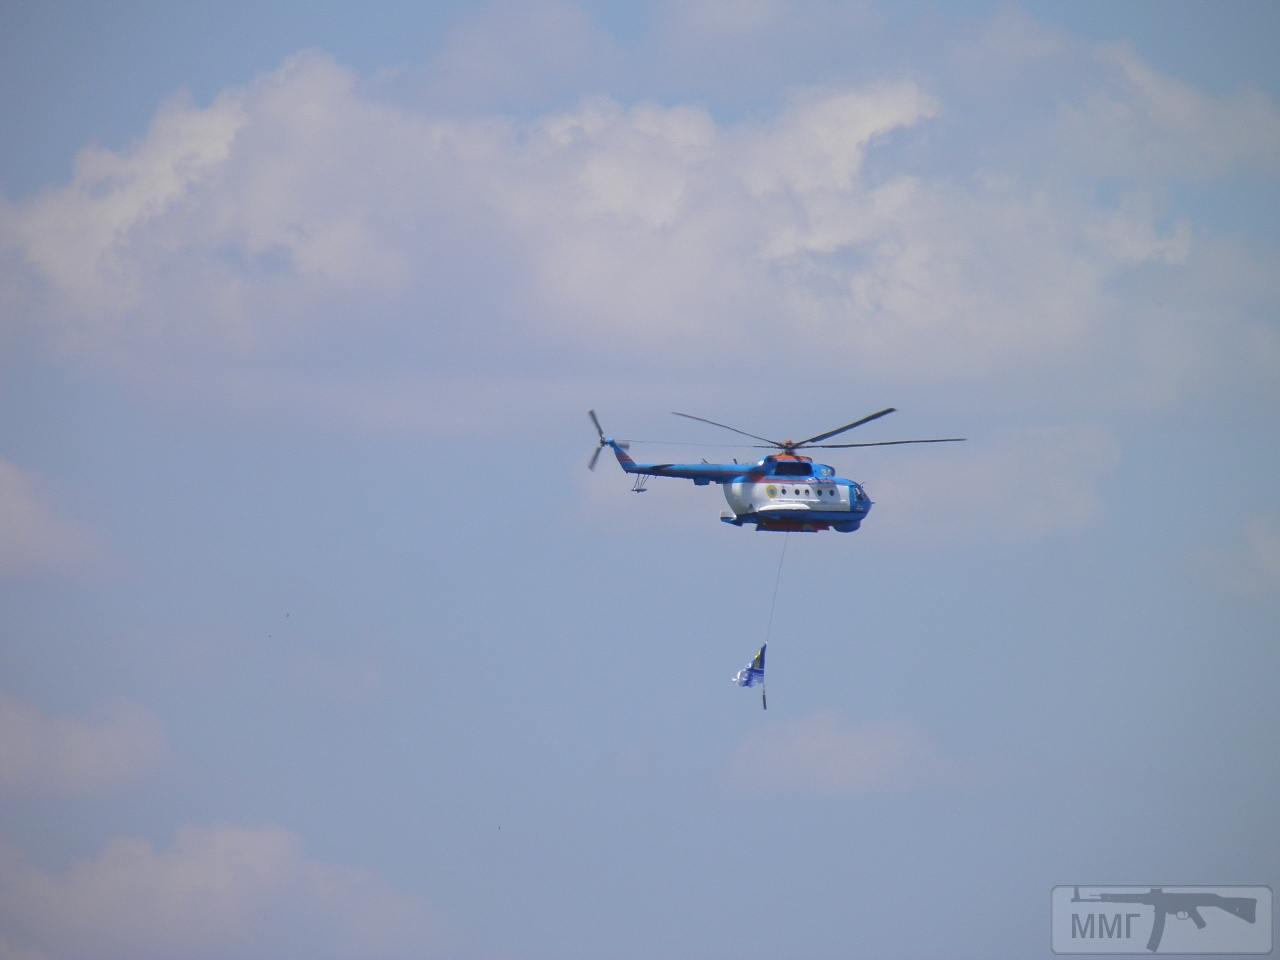 30398 - Военно-Морские Силы Вооруженных Сил Украины